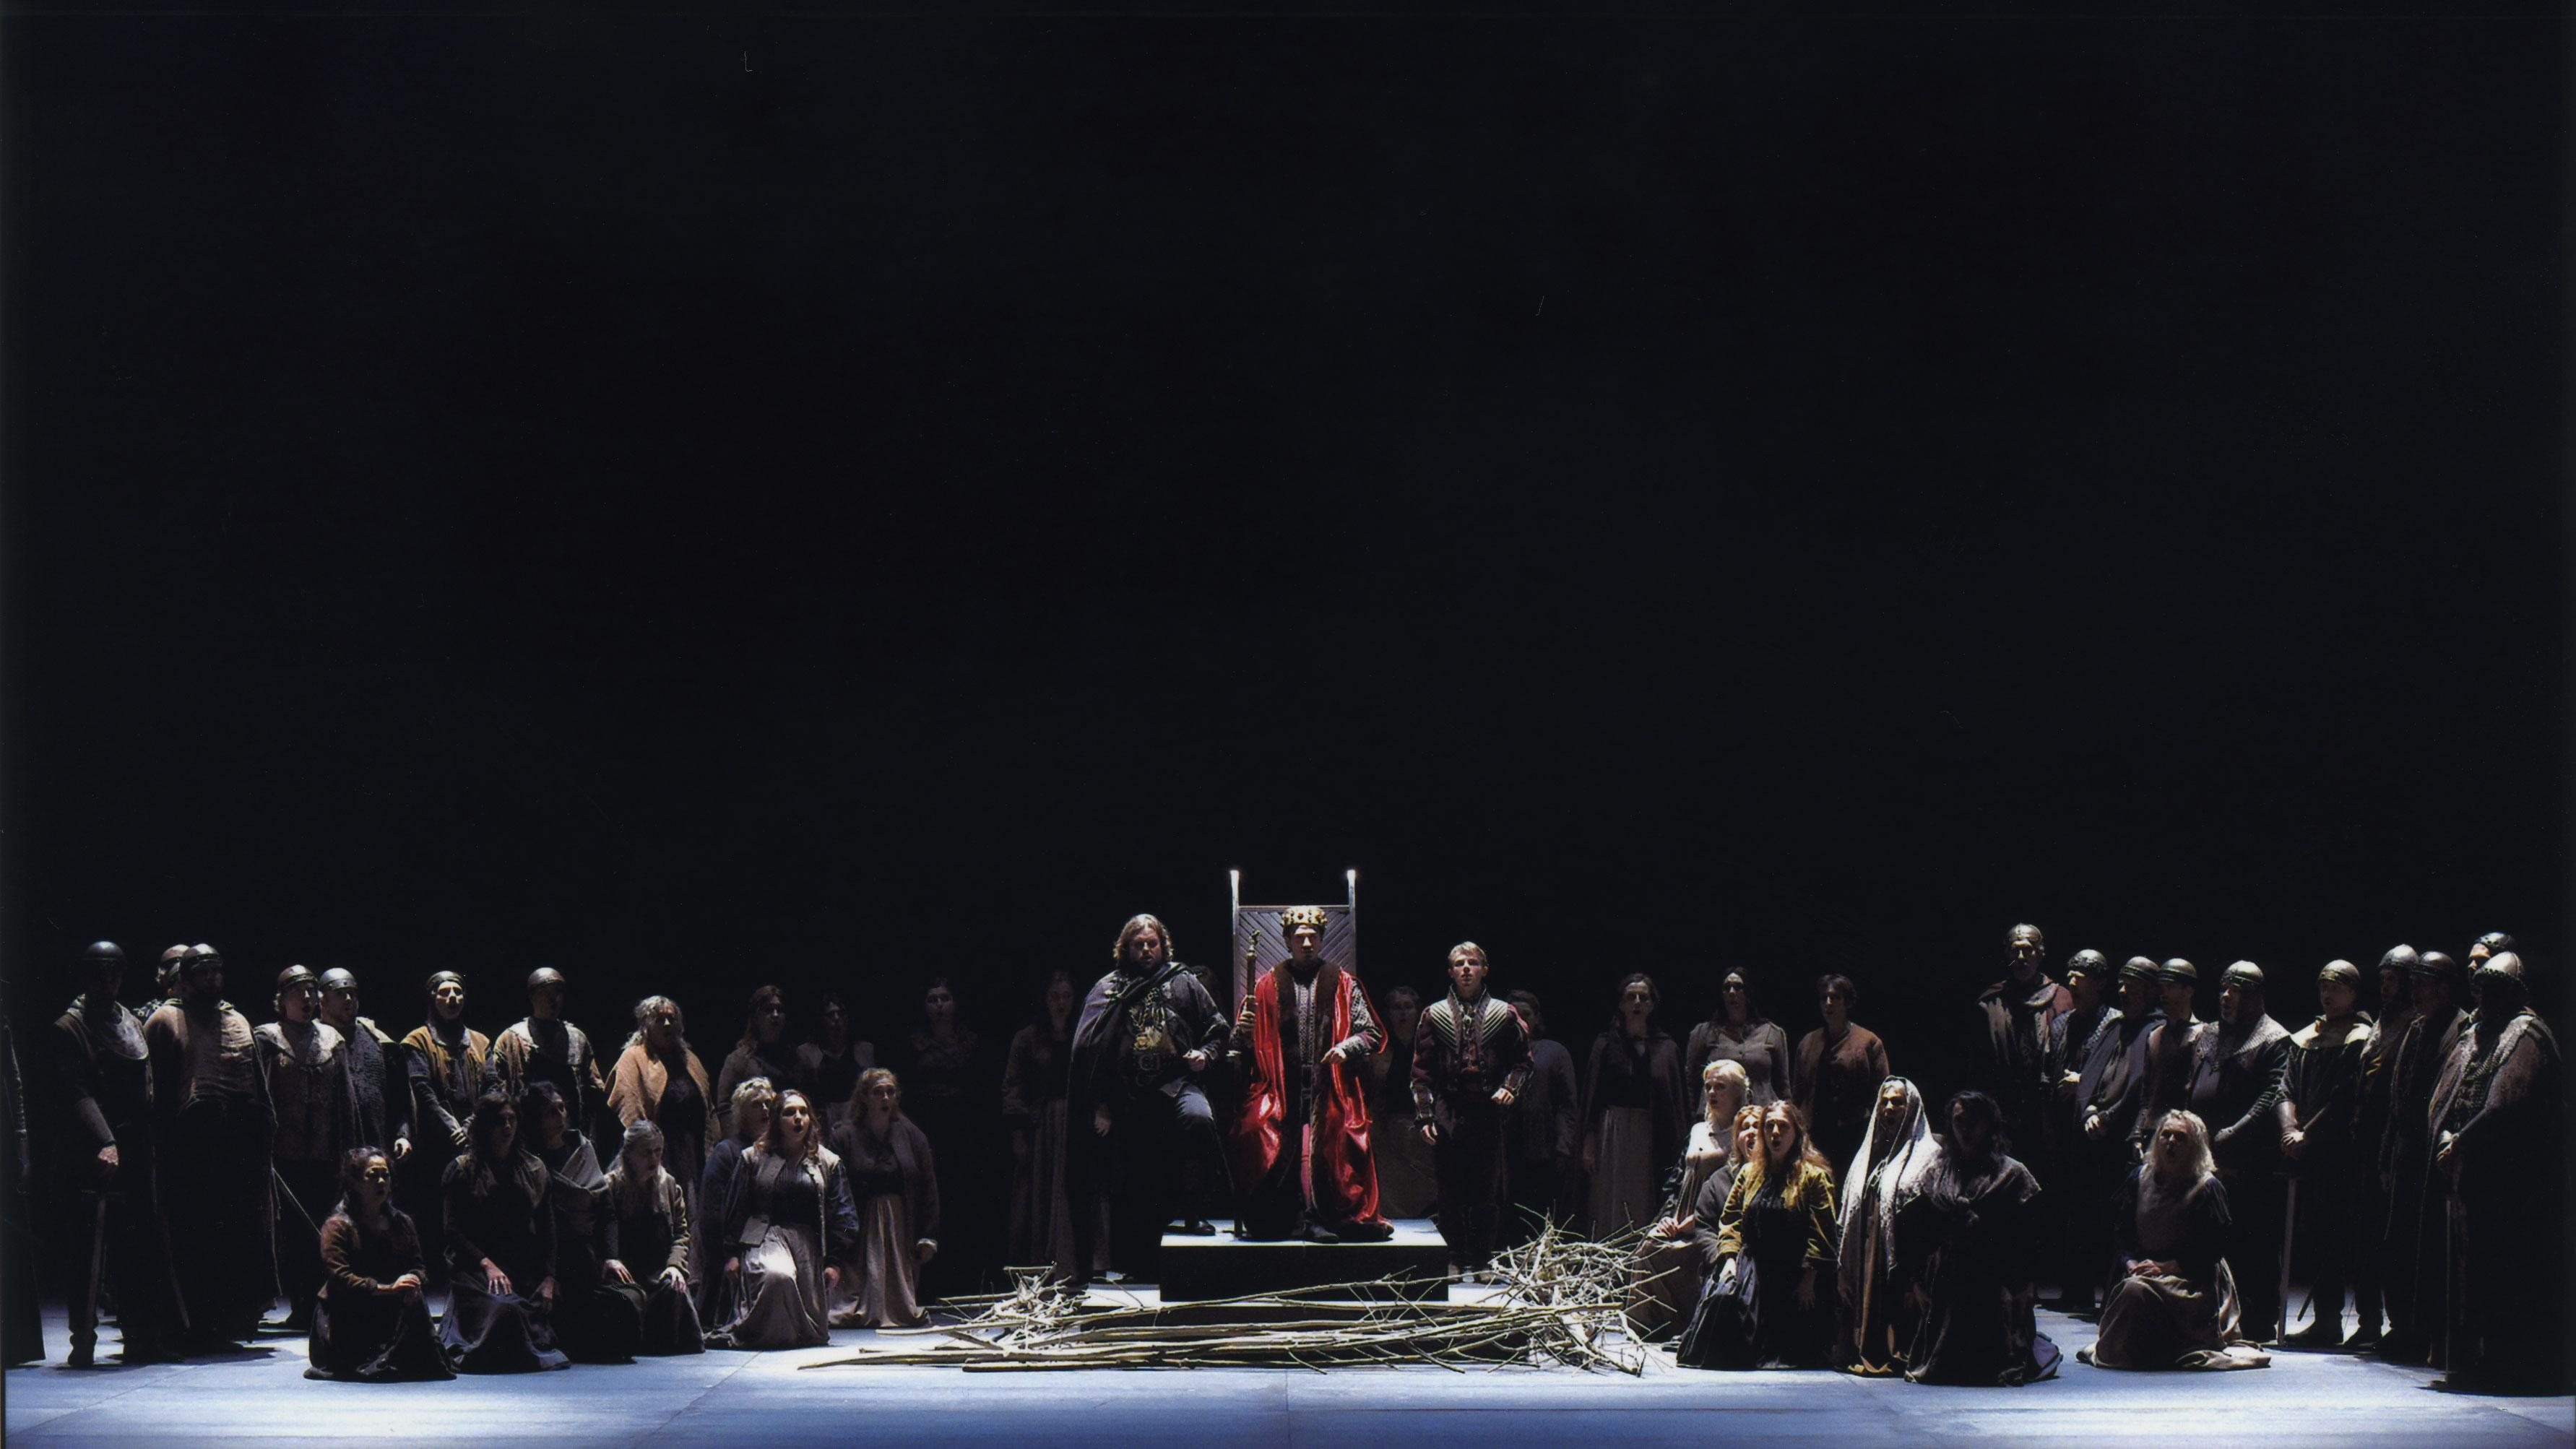 Macbeth_Mario-Martone-3